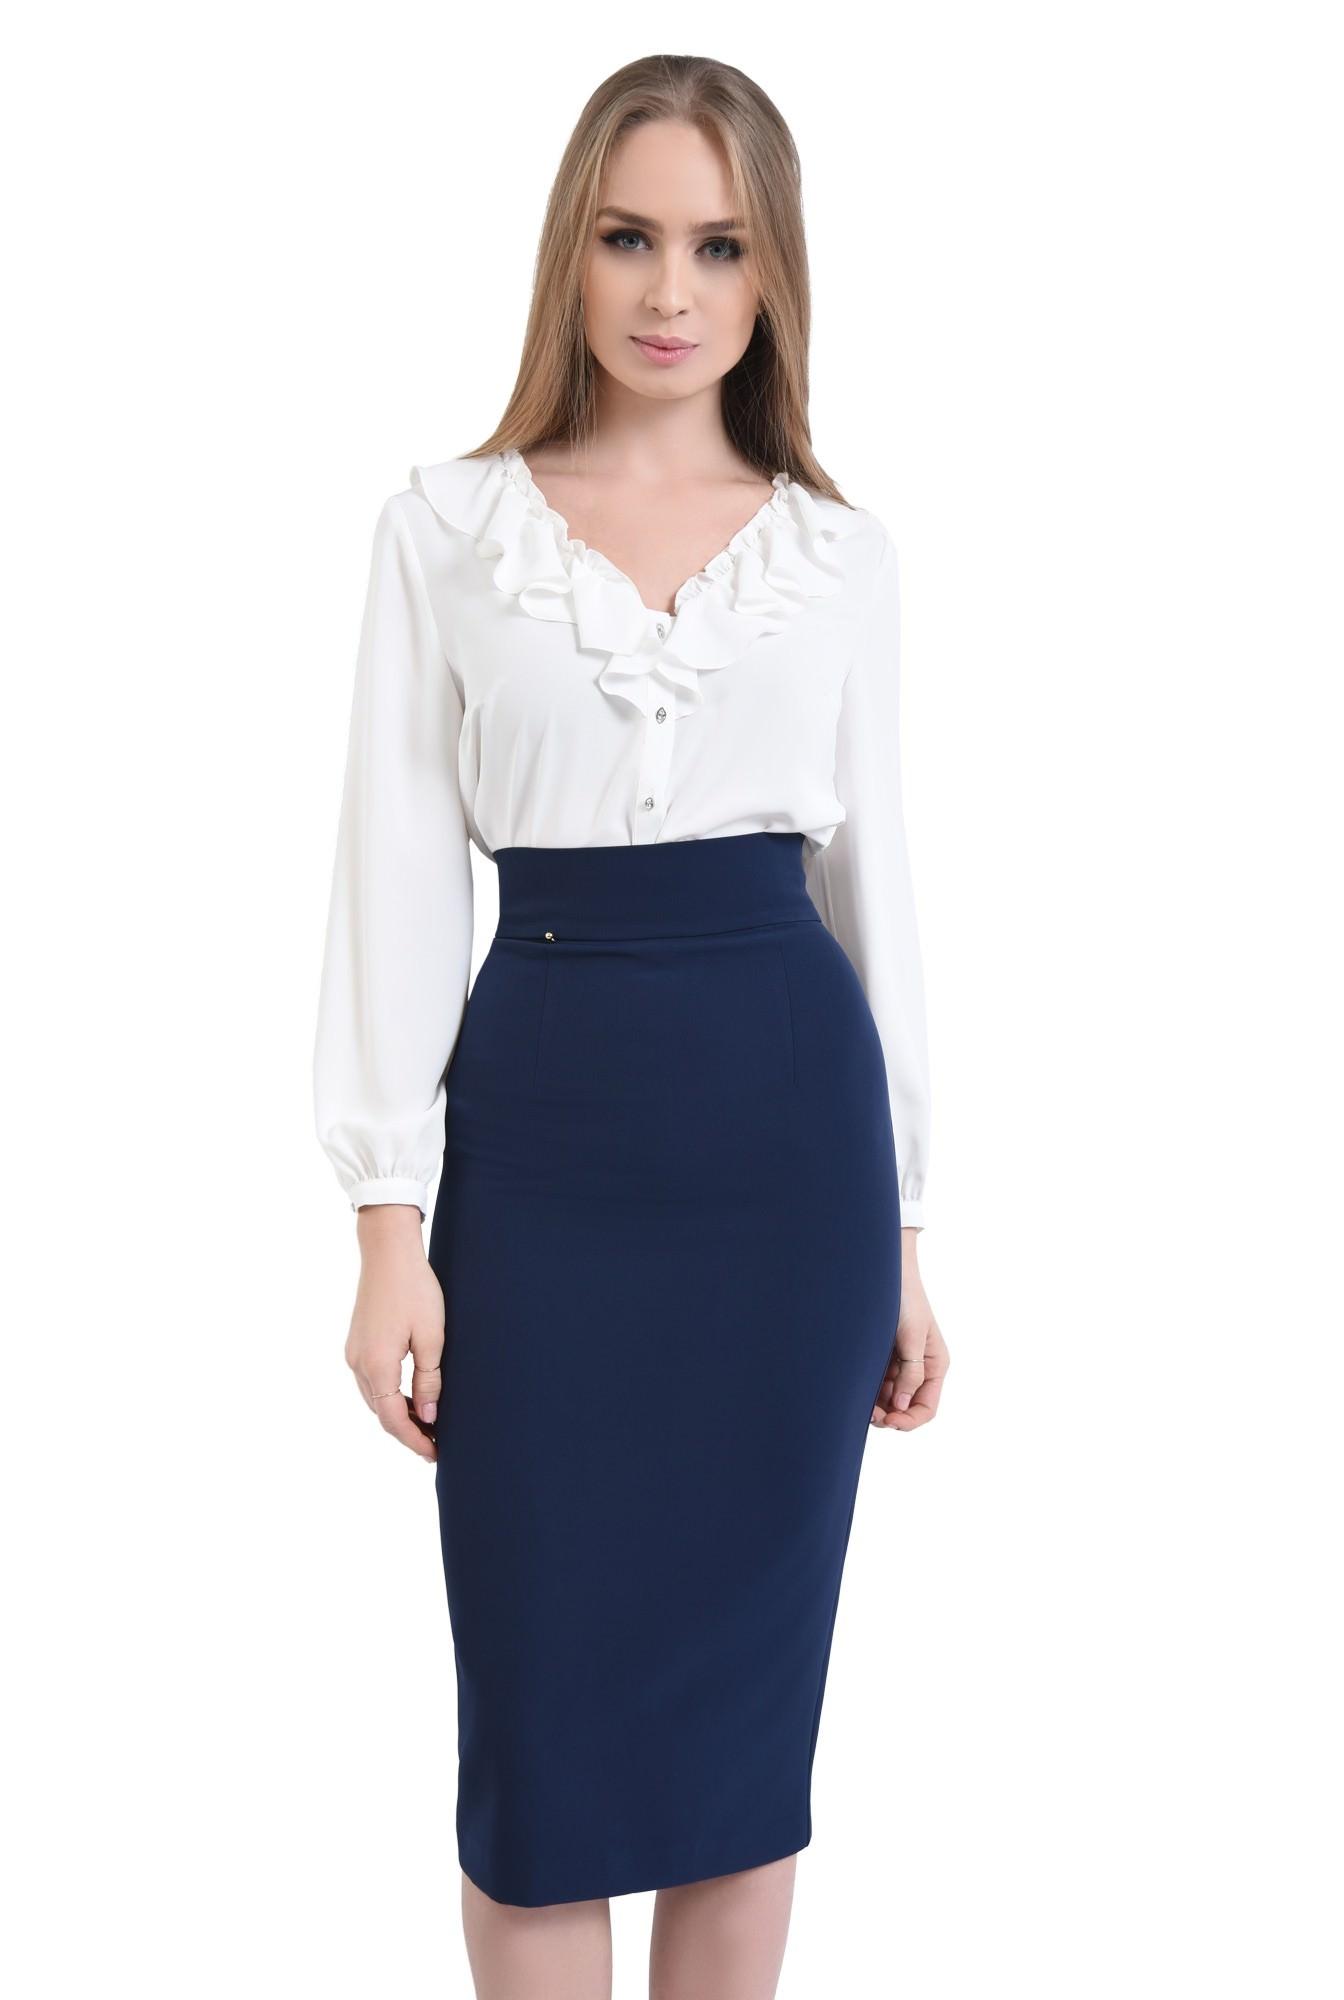 0 - Bluza casual, alb, decolteu anchior